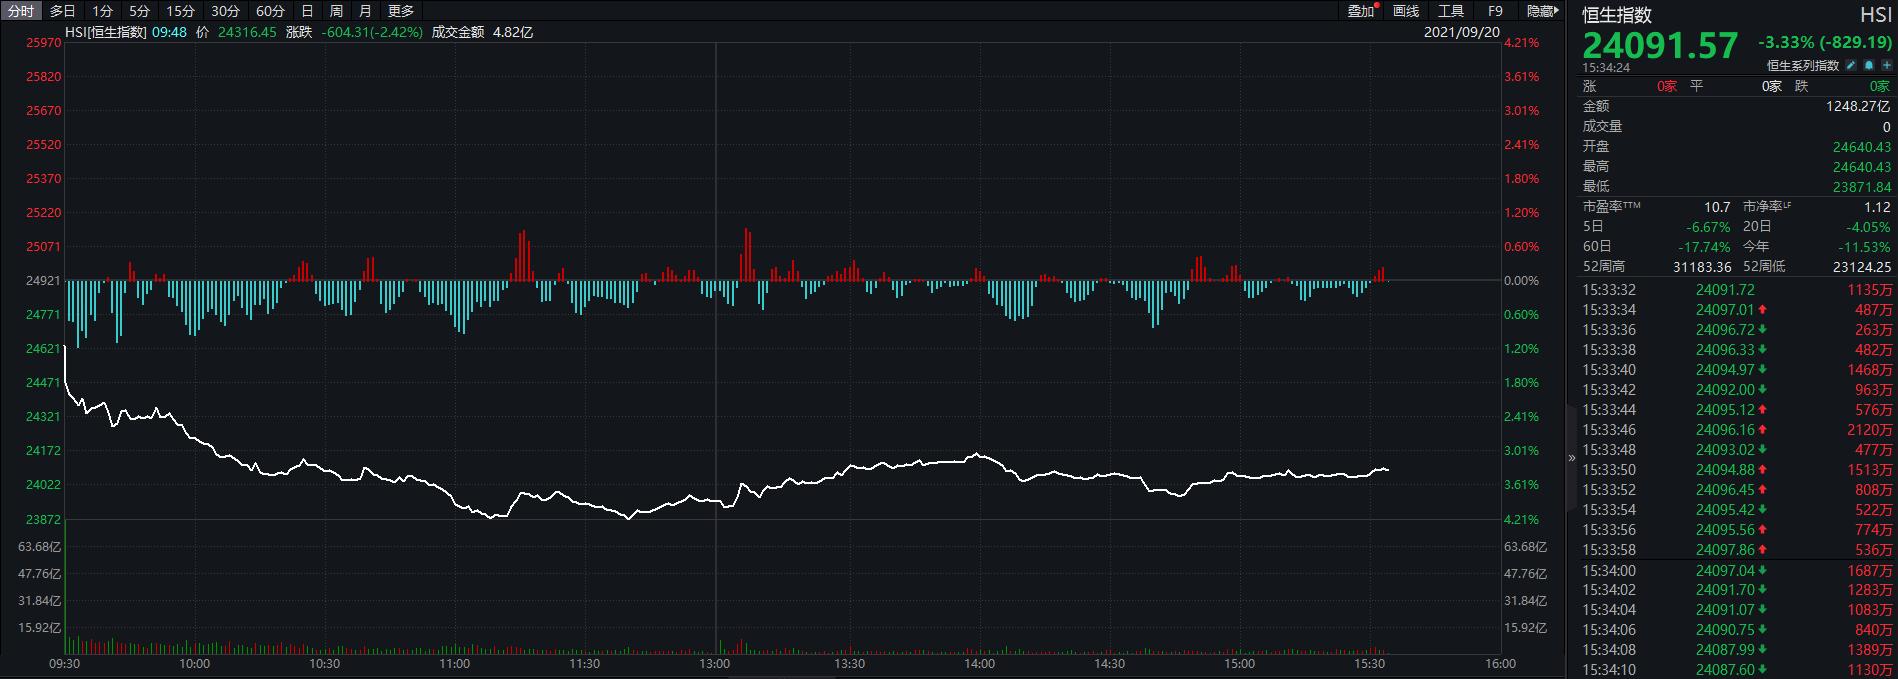 欧股跌逾2%,港股跌3%,比特币、铁矿石...风险资产全线下跌  铁矿石 股票 投资 港股 恒大 第1张